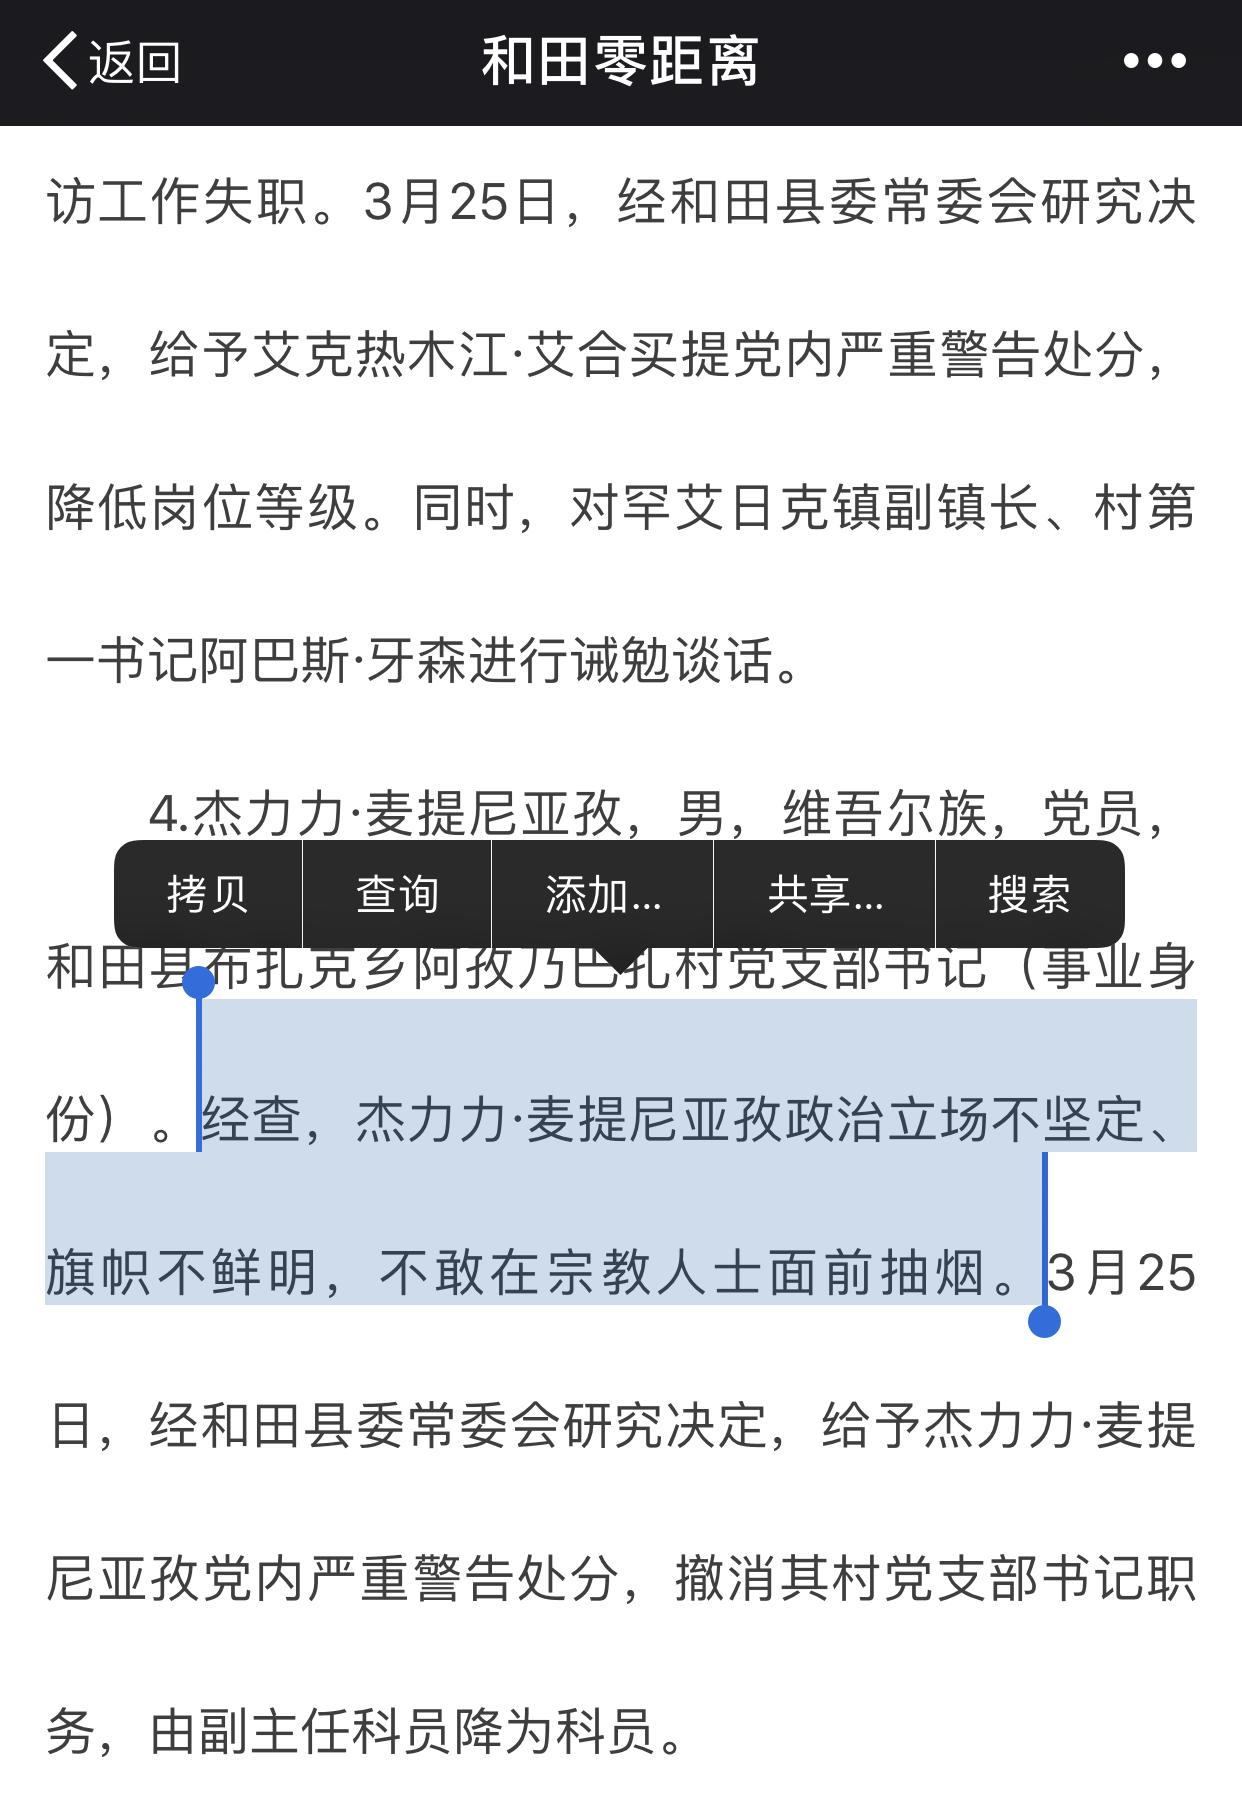 自由亚洲 | 和田维族官员因不敢在宗教人士面前吸烟而被撤职